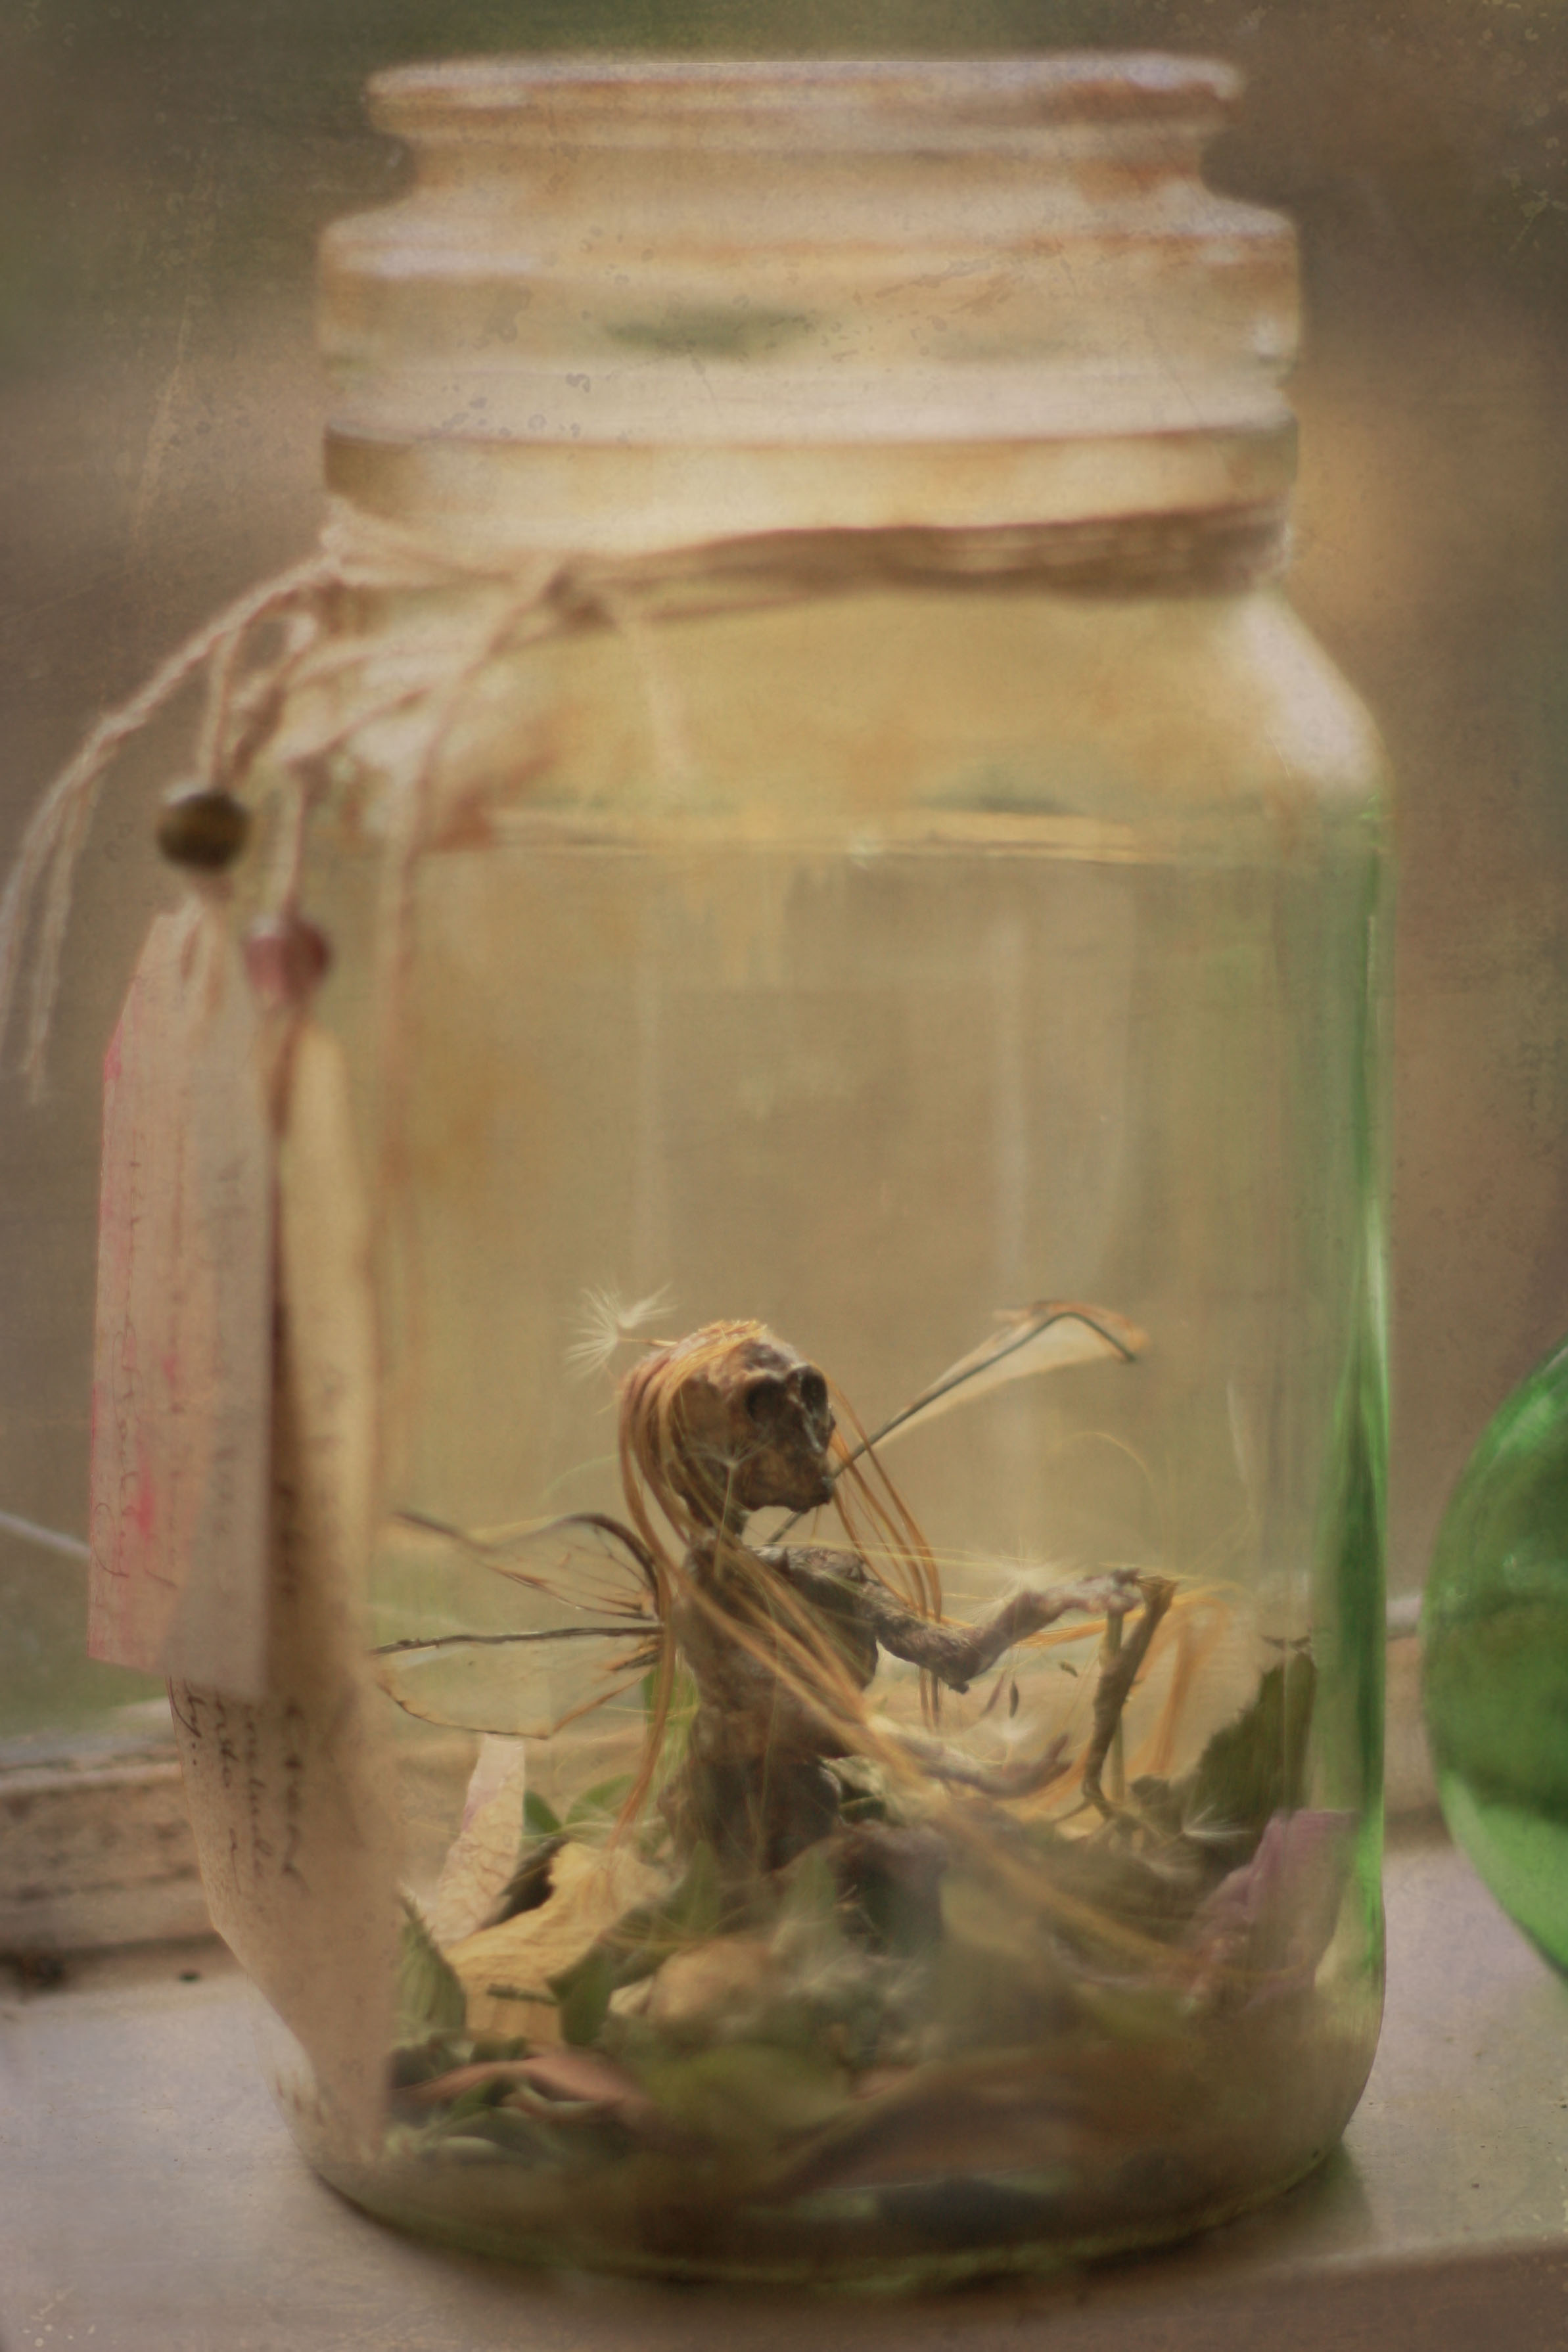 Dead Faery in a Jar